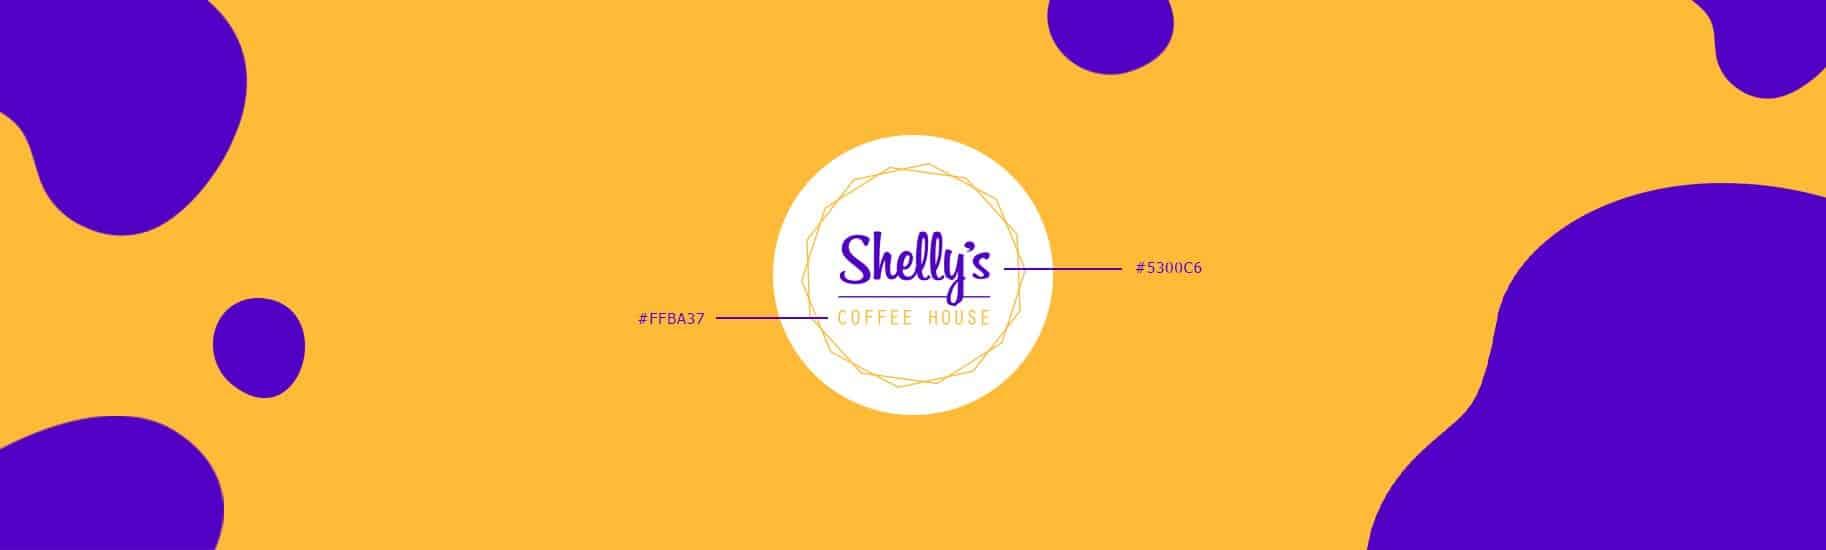 Logo Farbkombinationen | Logo-Design-Tipps | Tailor Brands